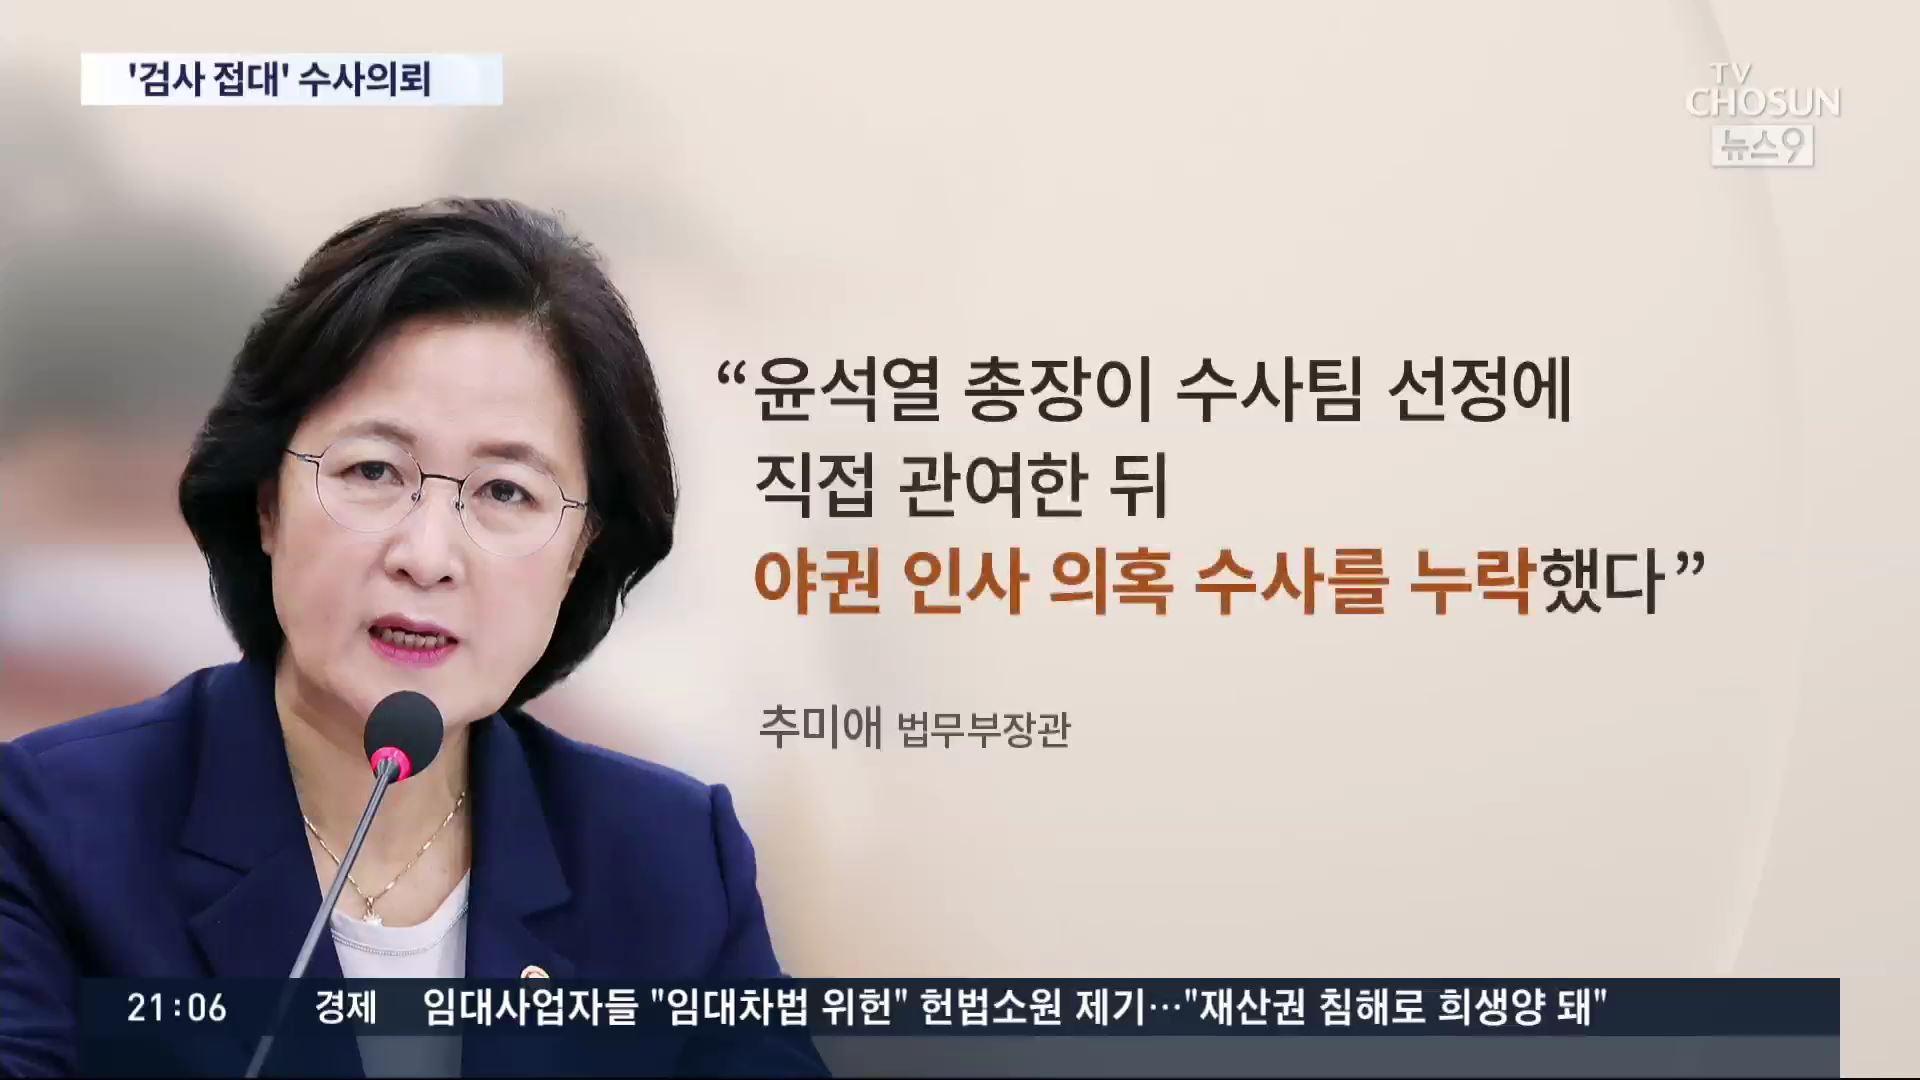 秋 '野 인사 의혹 수사 누락'…전현직 남부지검장 '모두 보고했다'